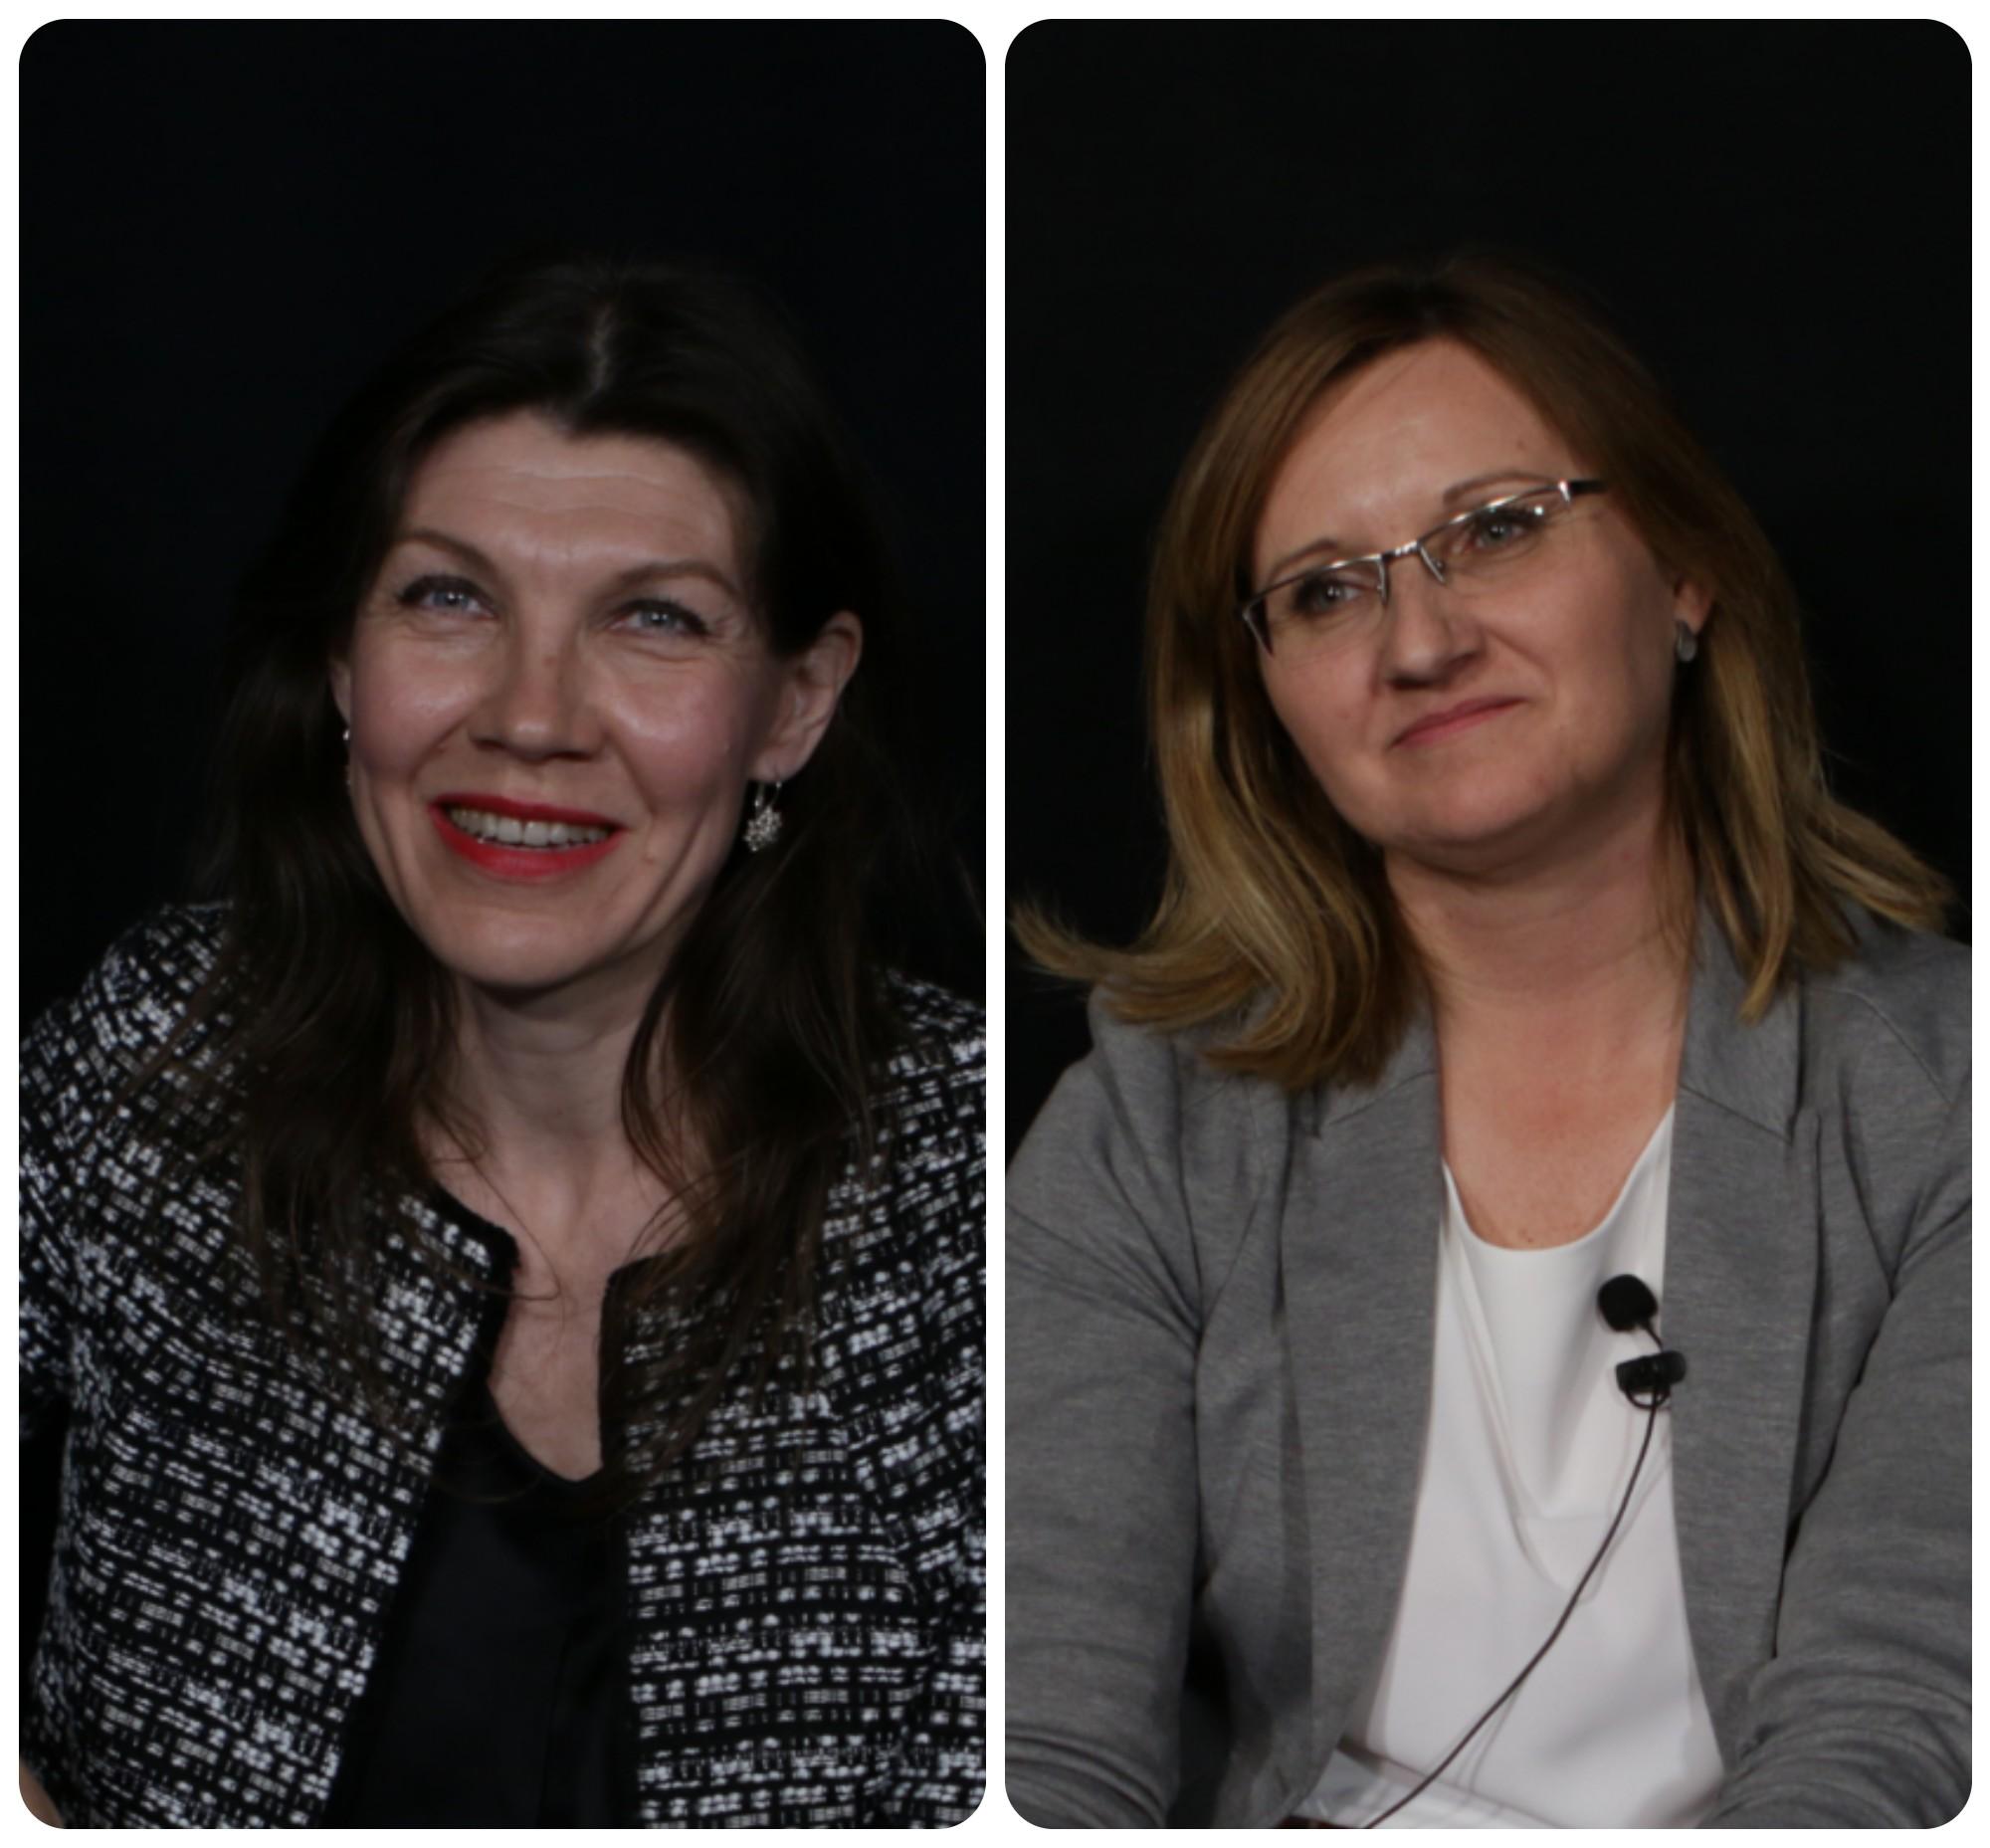 Ovako su u kampanji govorile Sandra Frčo i Dubravka Dragašević